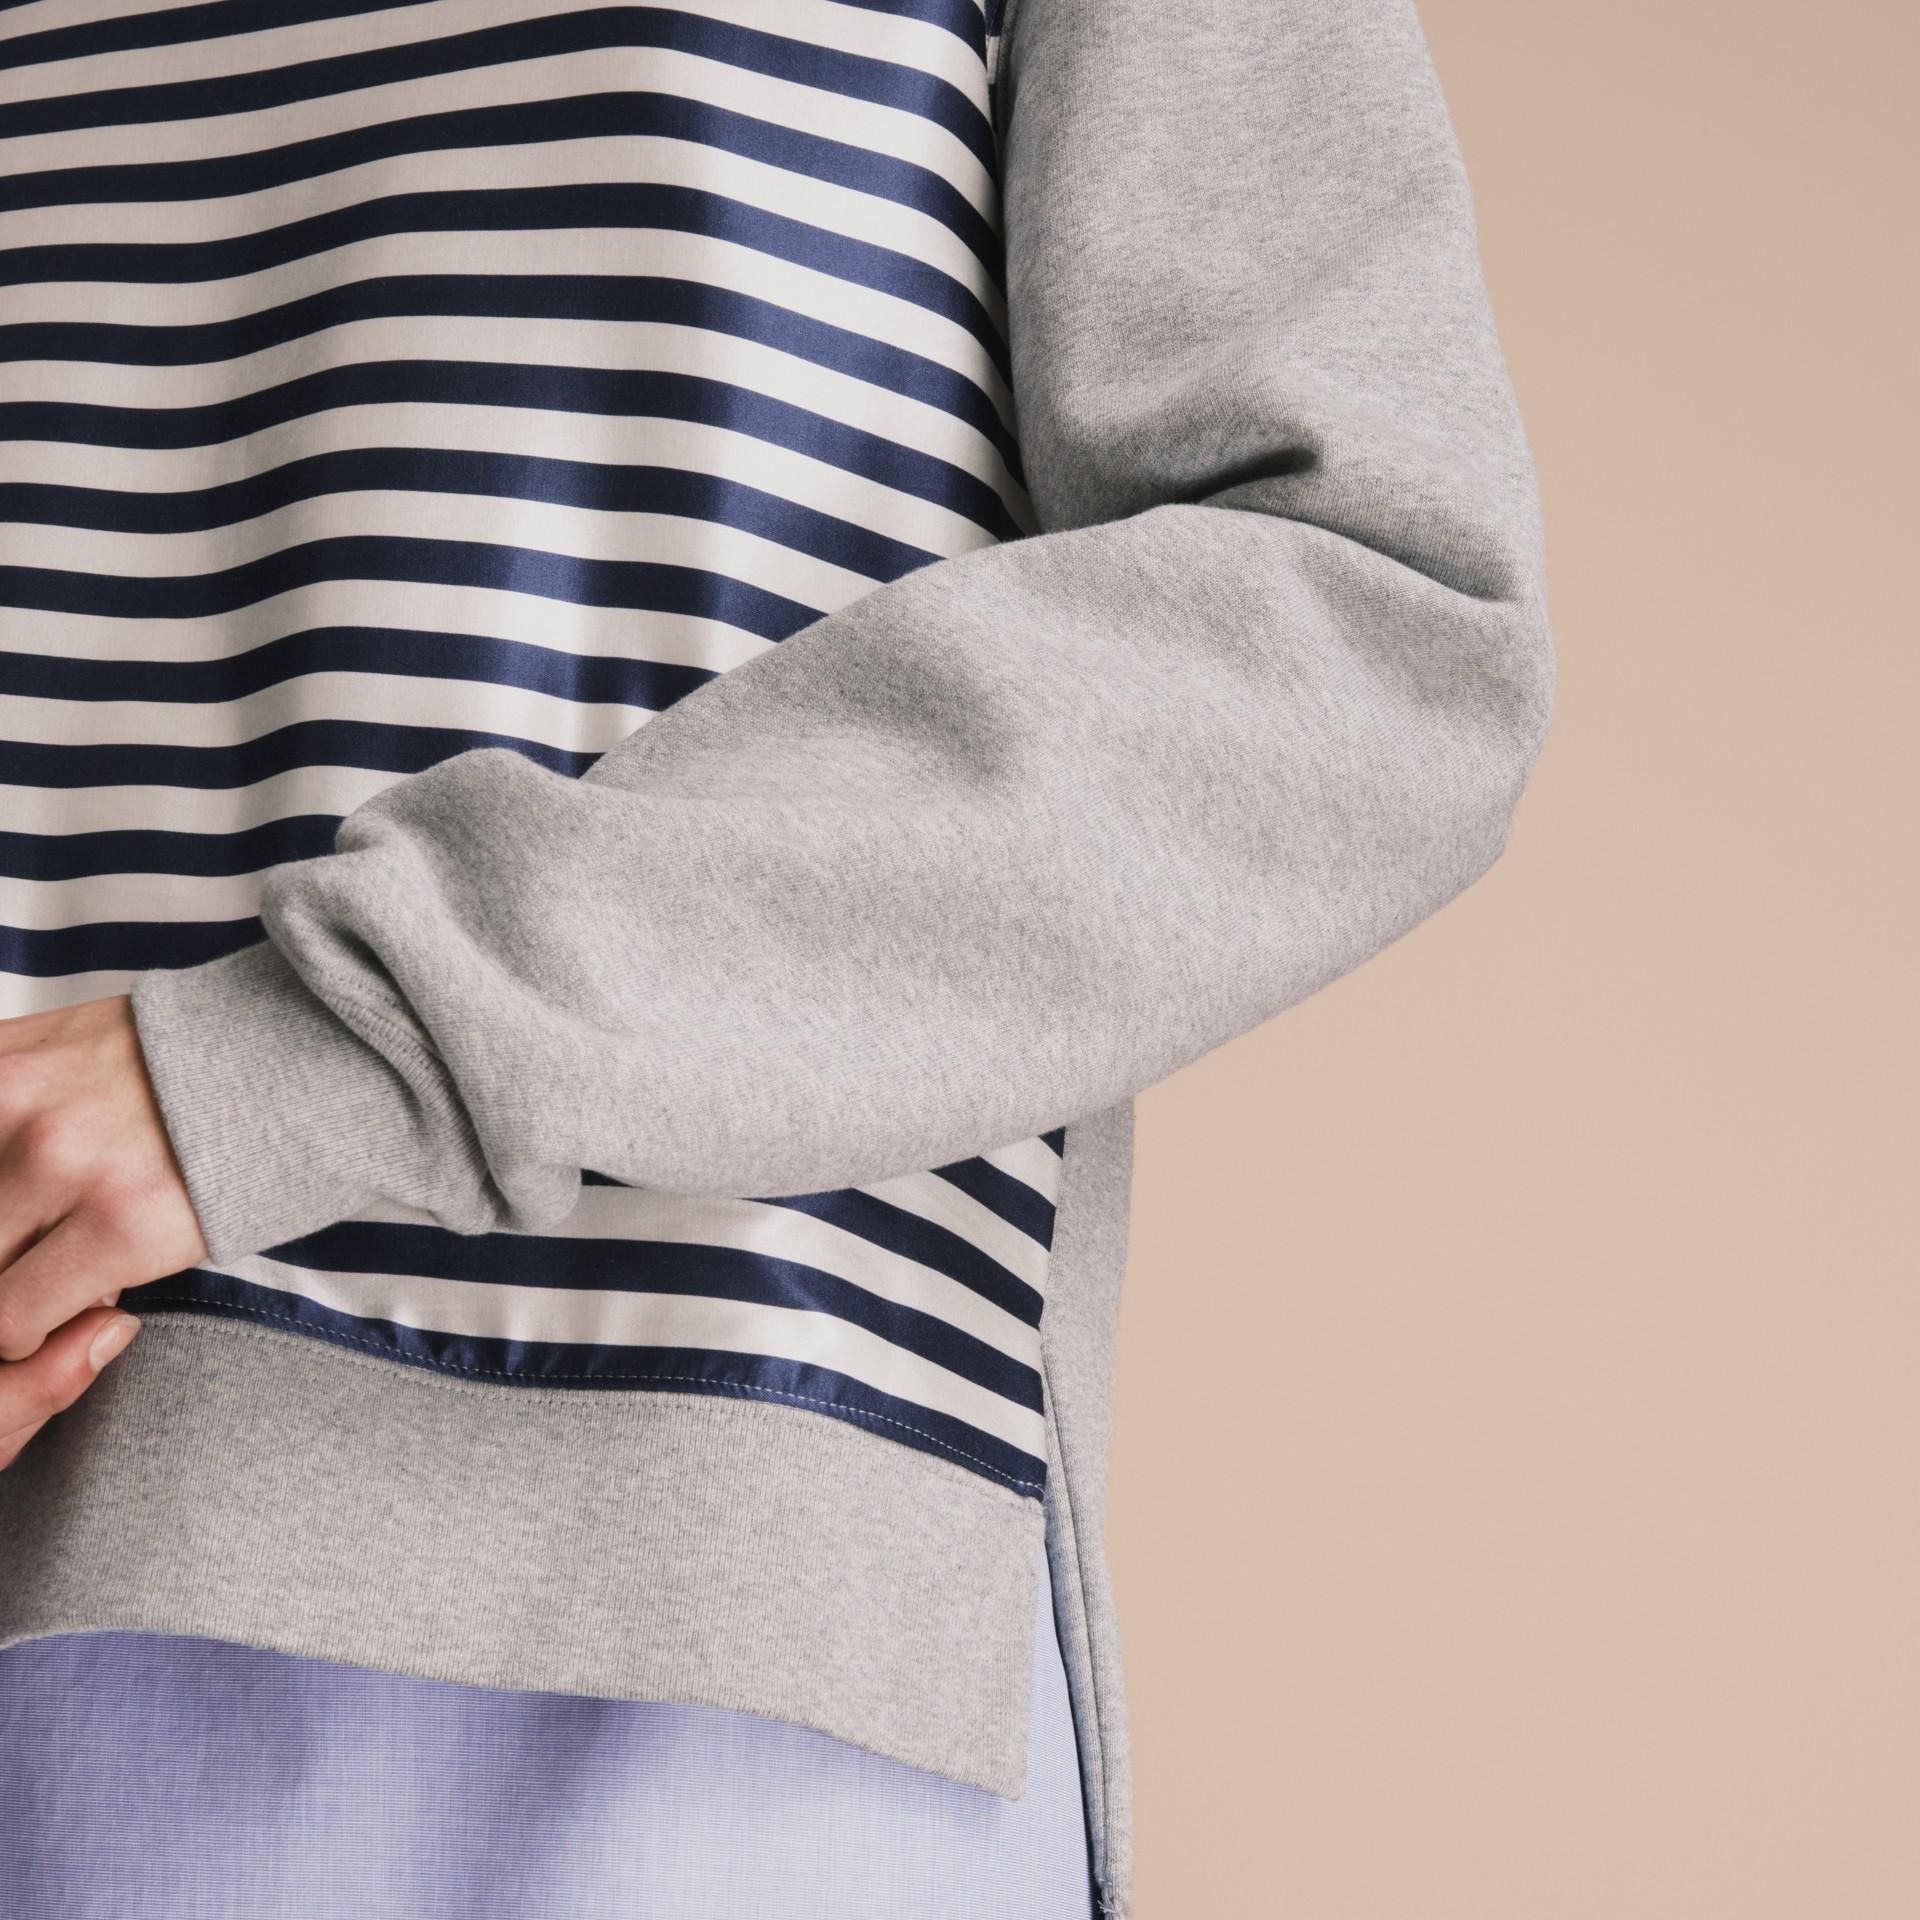 Unisex-Sweatshirt mit Streifenpanel aus Baumwollseide (Grau Meliert) - Damen | Burberry - Galerie-Bild 6